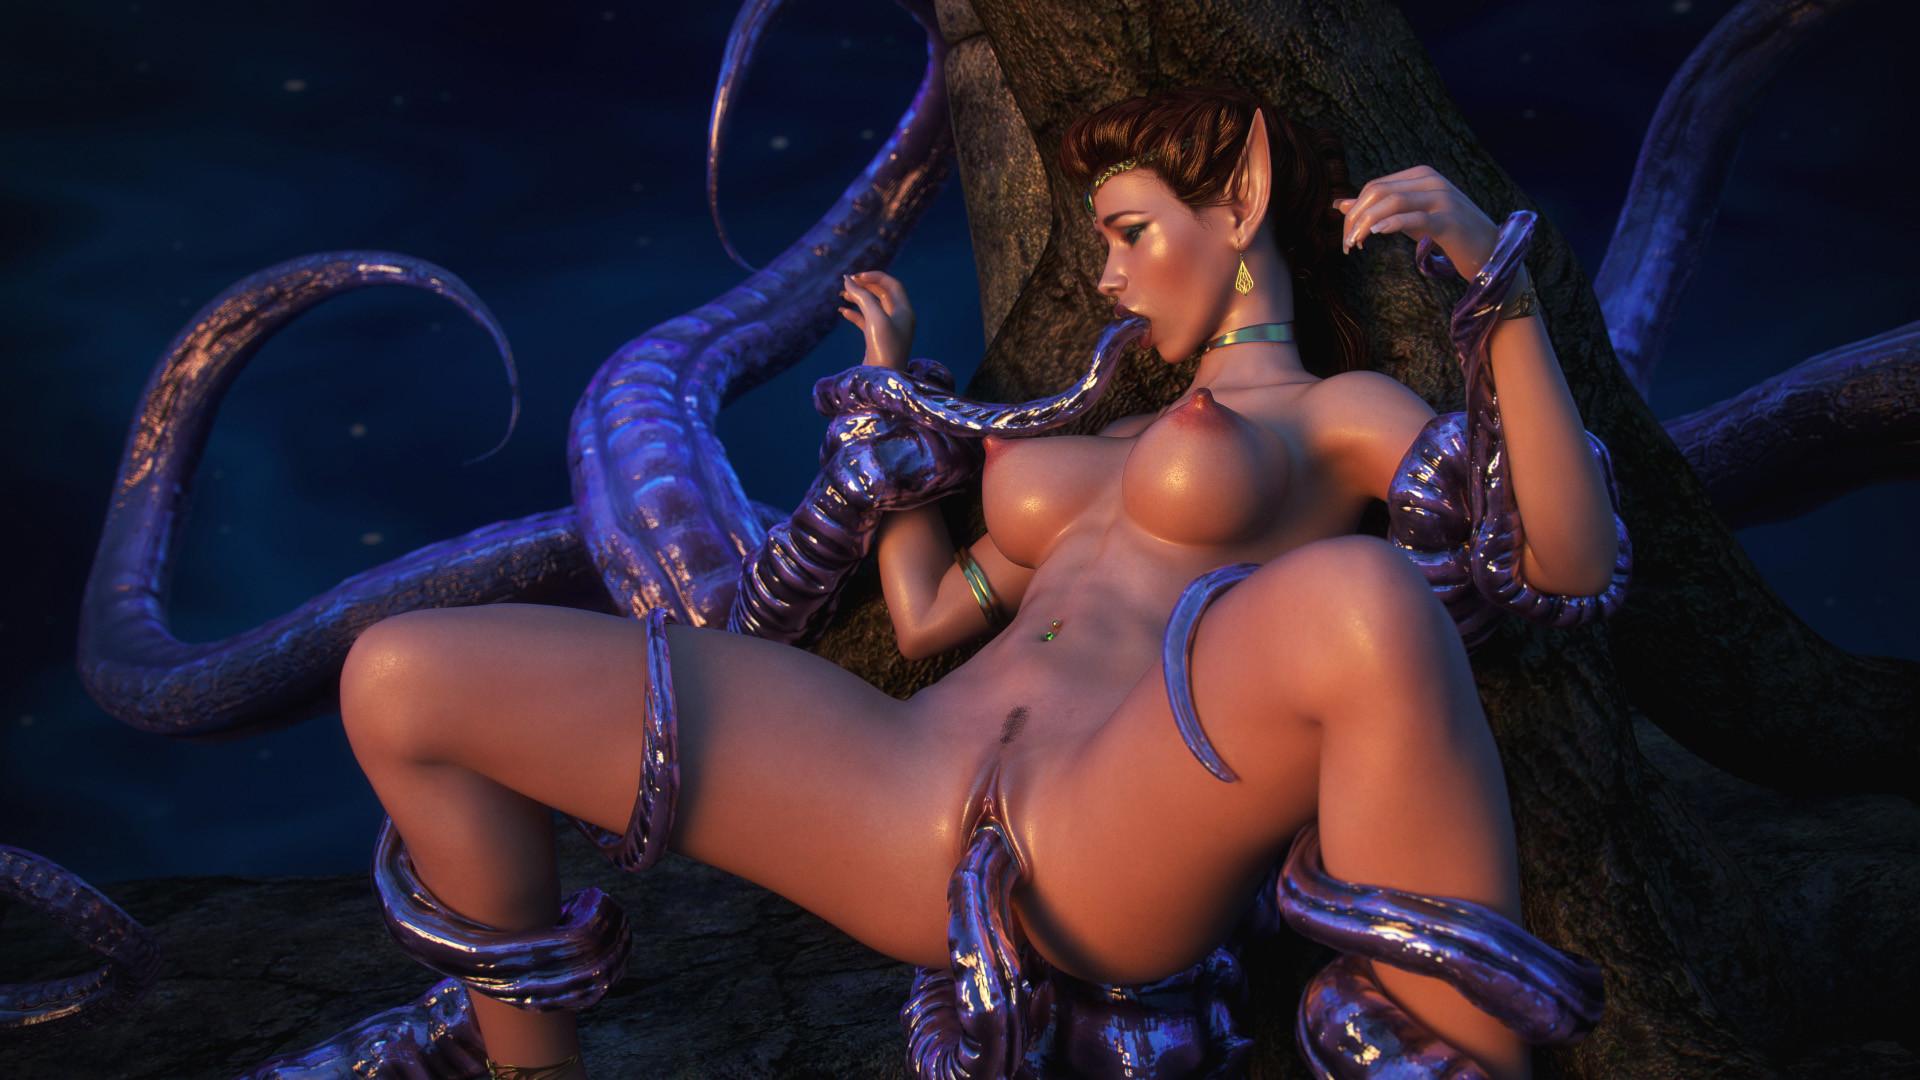 Фантастические фильмы с порно — pic 12